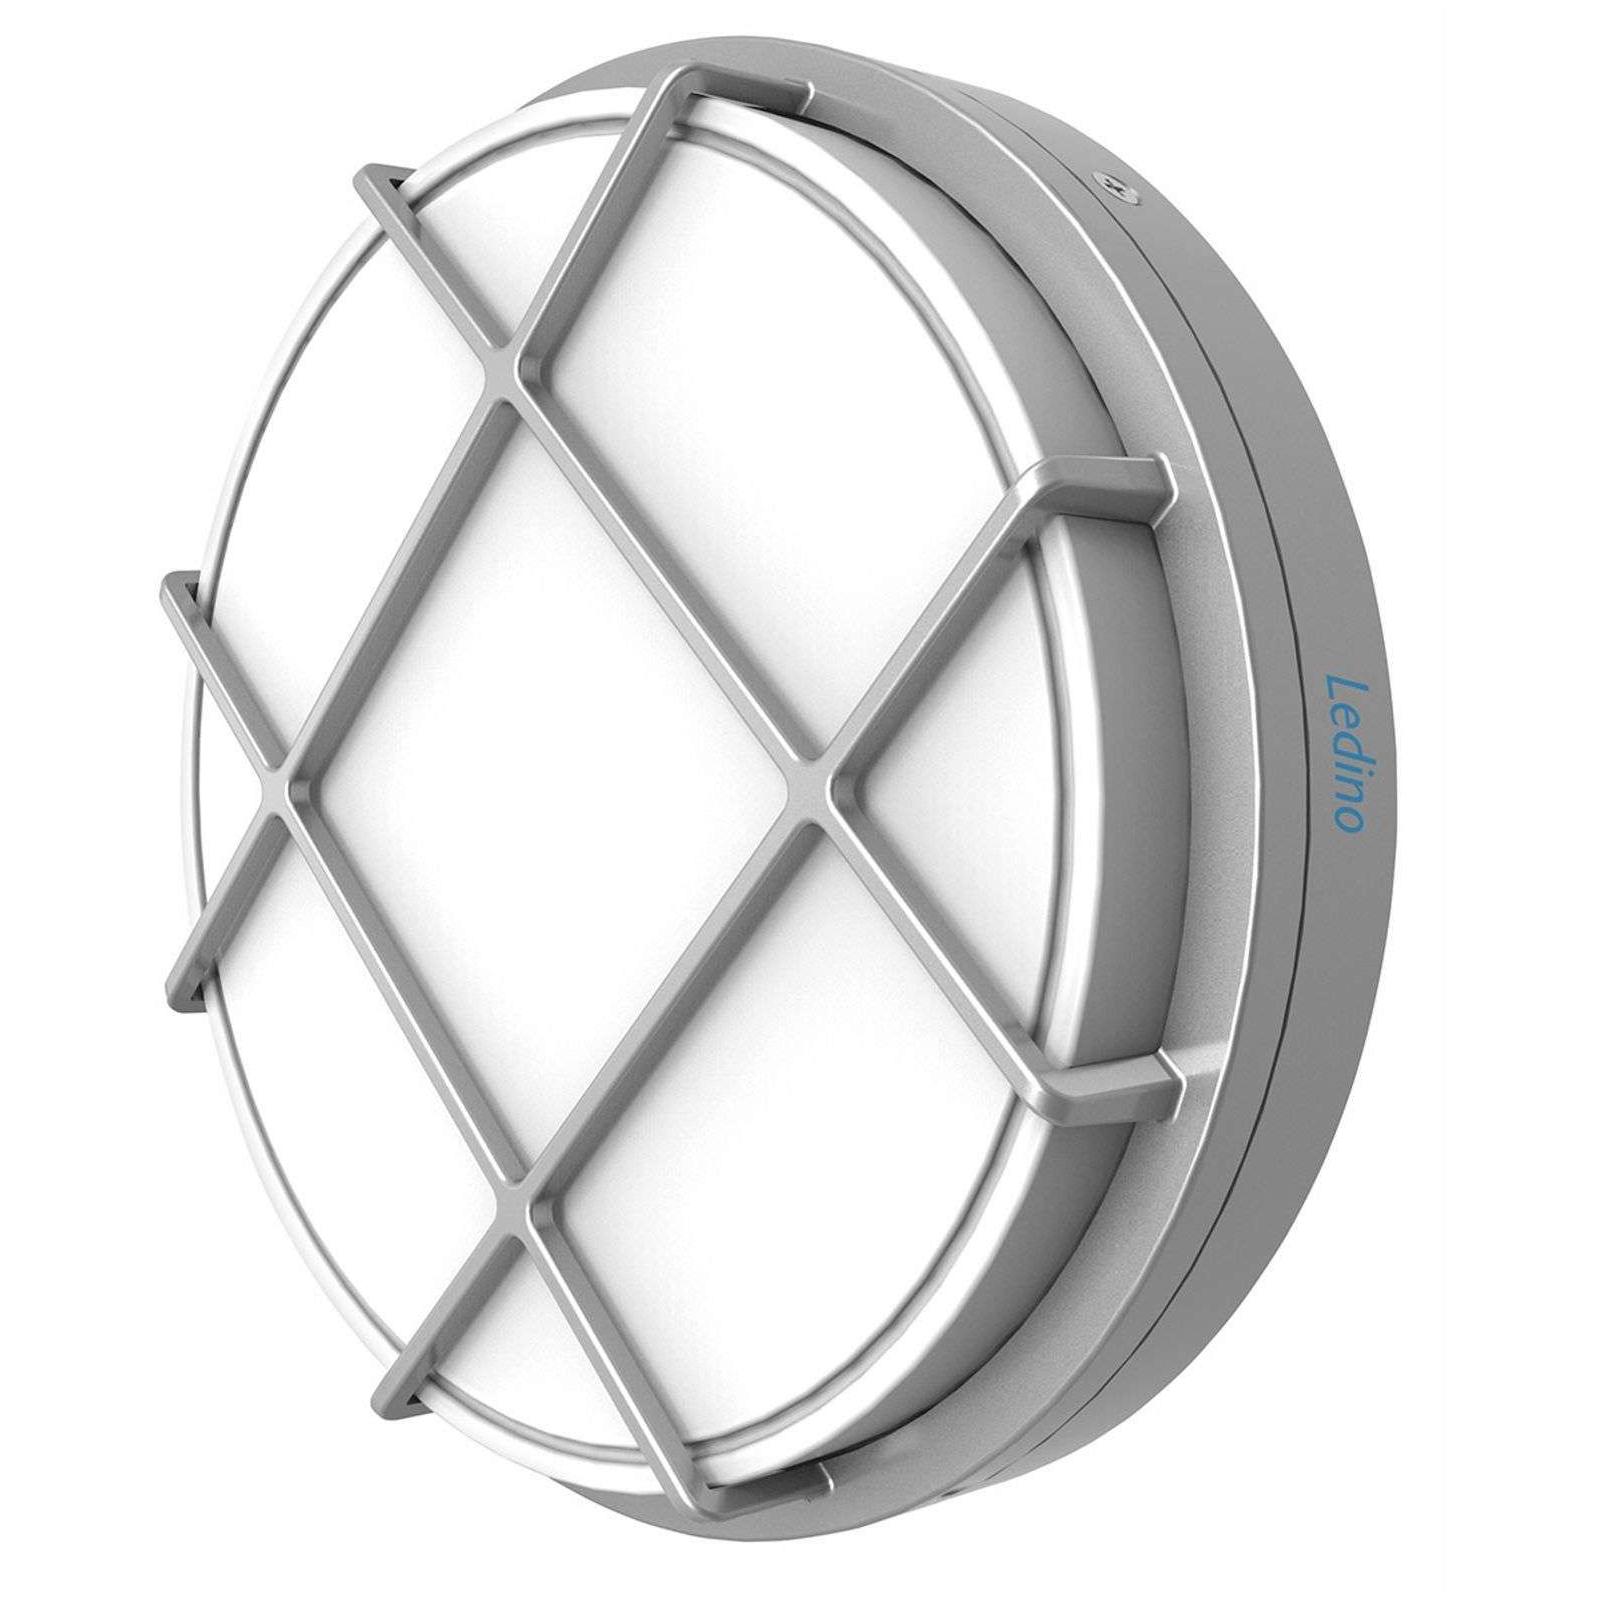 Lampa zewnętrzna okrągła